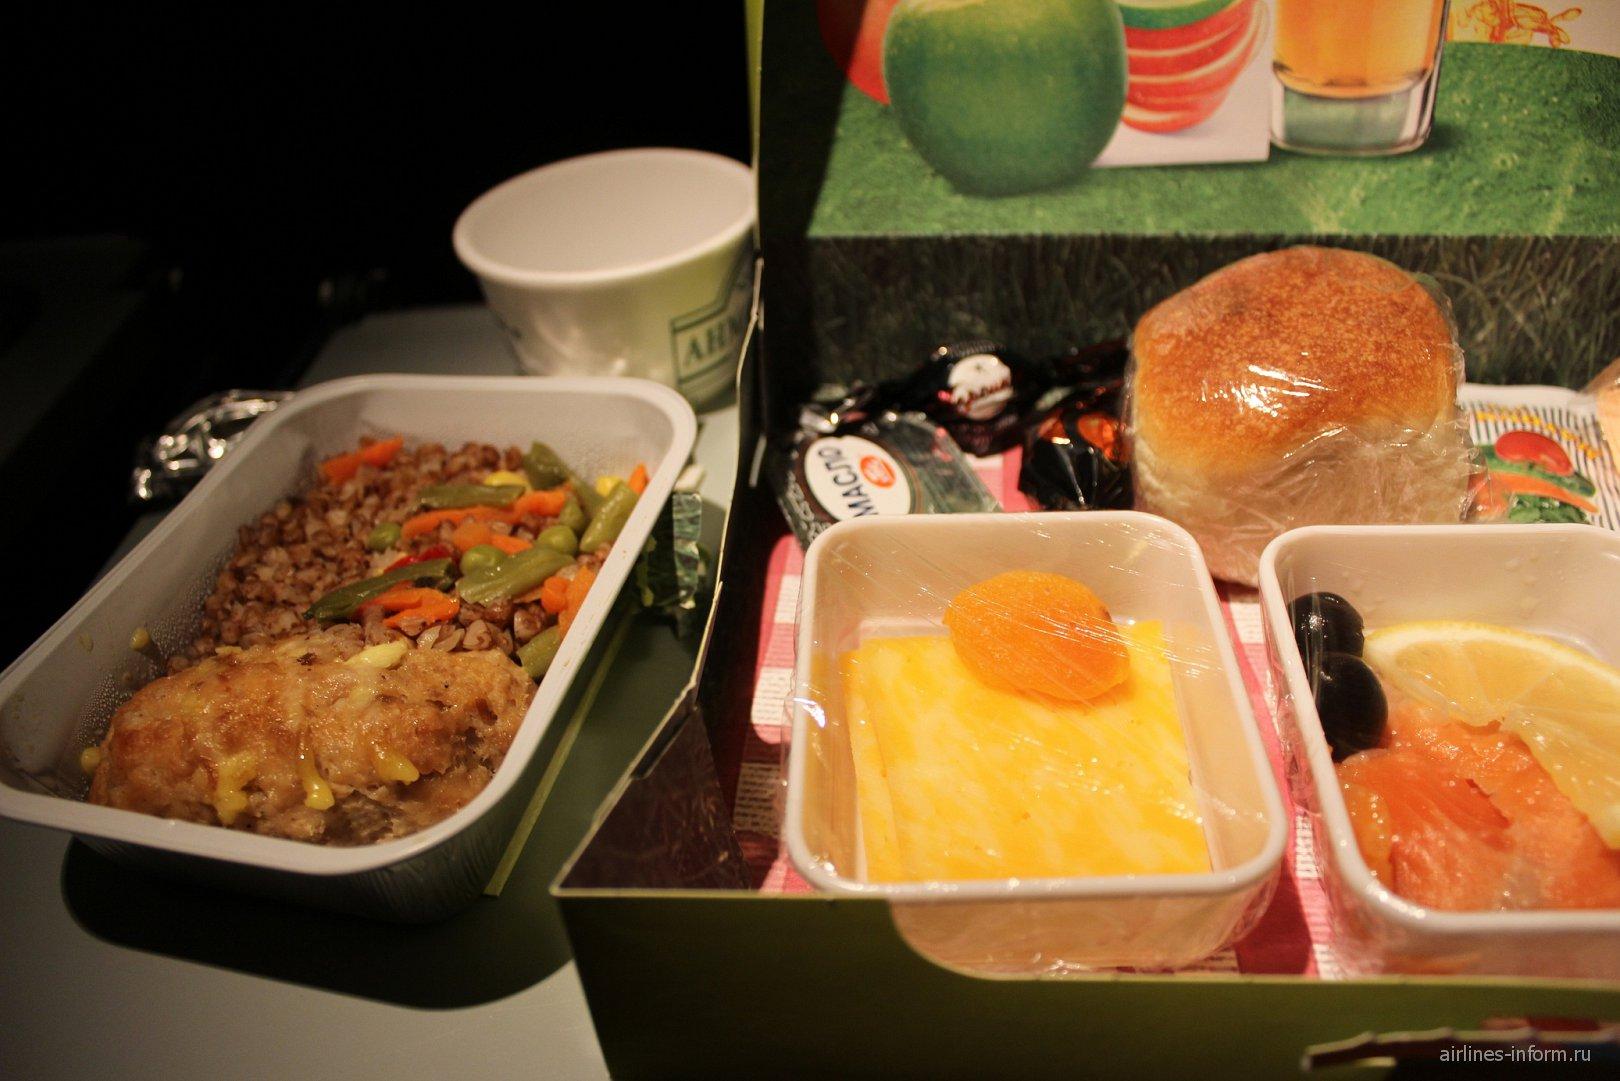 Питание на рейсе авиакомпании Сибирь Норильск-Москва